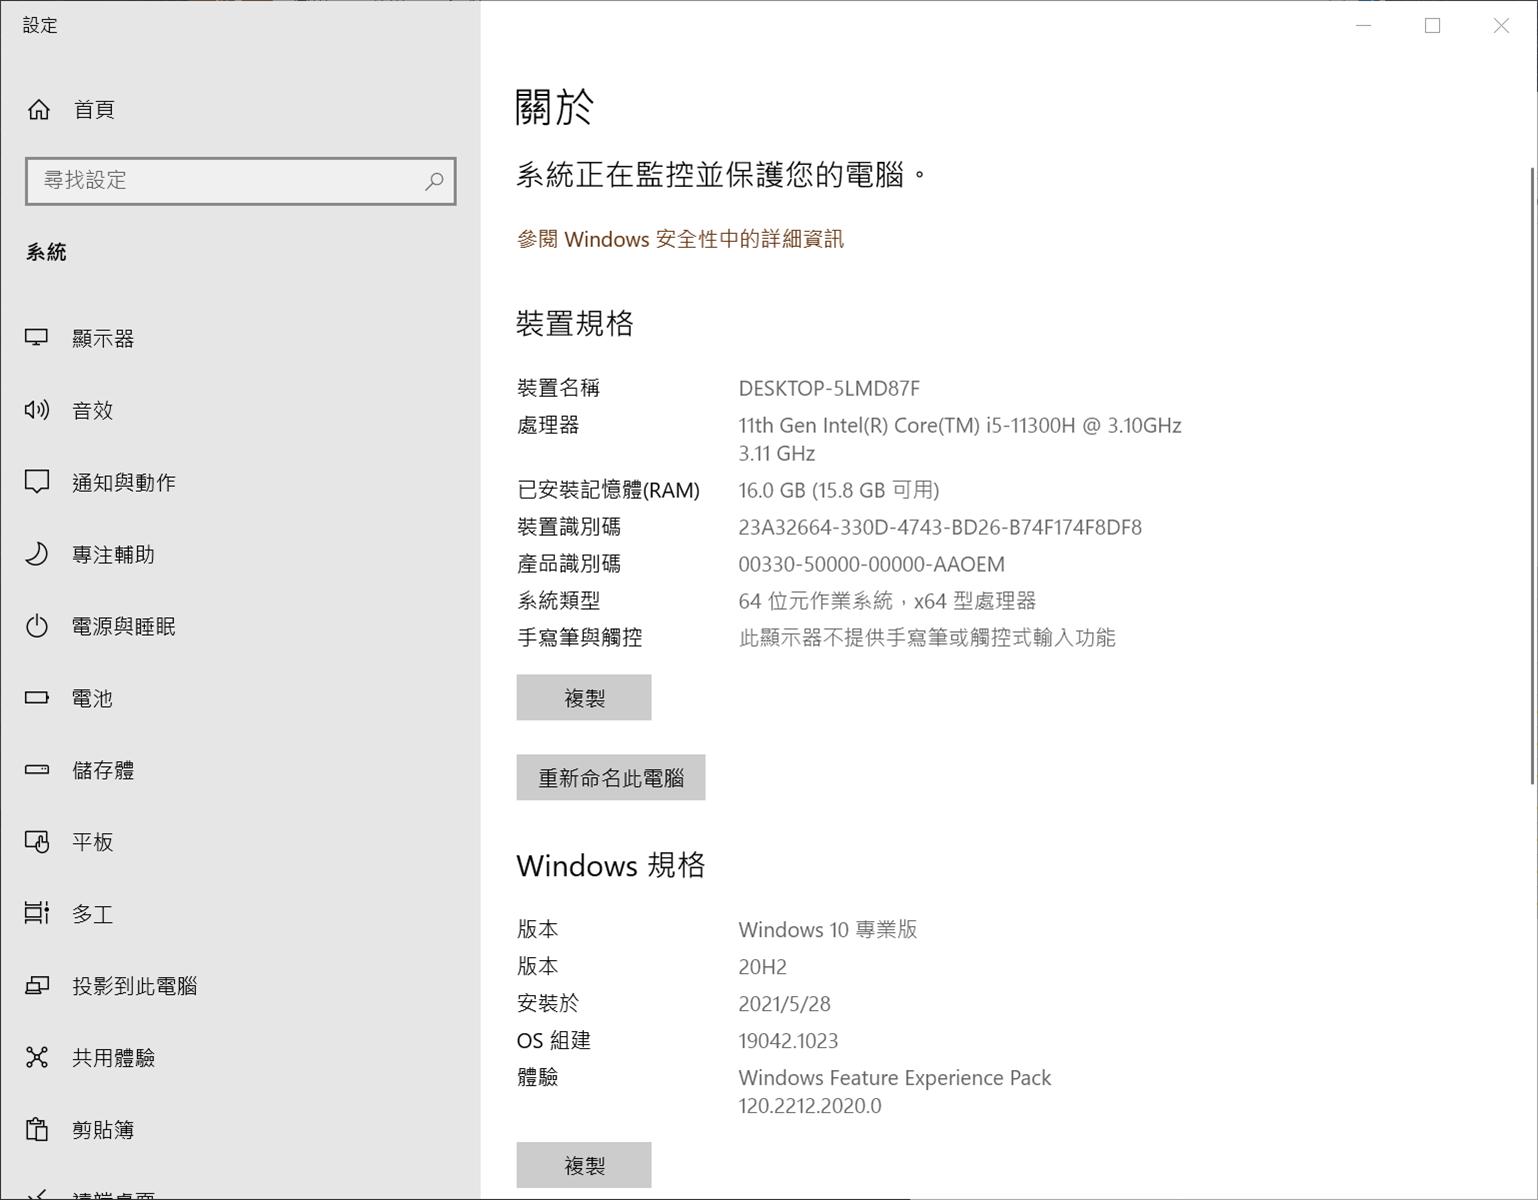 美型超值可惜台灣沒賣的聯想小新 Pro 14 開箱 + 阿輝筆電挑選技巧 feat 京東購物 @3C 達人廖阿輝